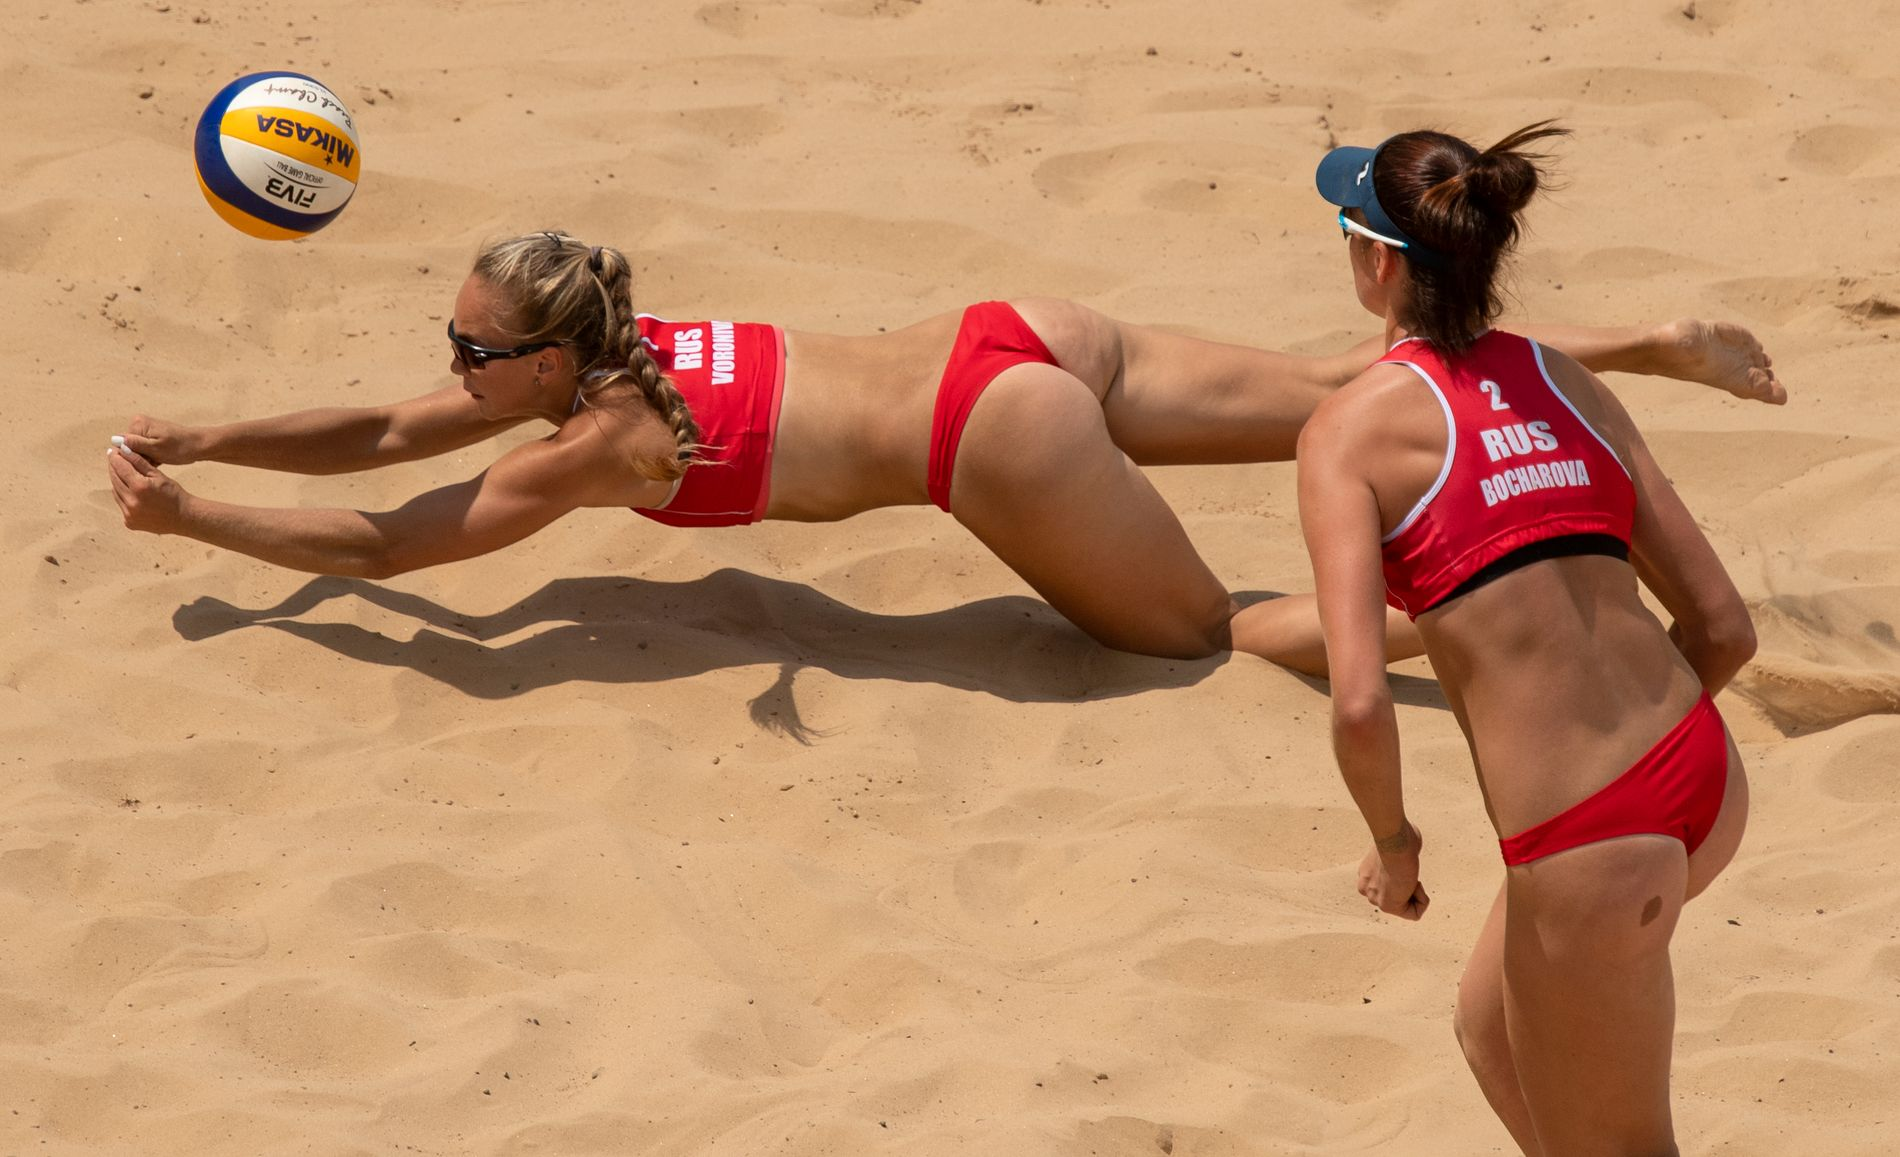 Svært lite overlates til fantasien når sandvolleyballspillere på kvinnesiden er i aksjon.